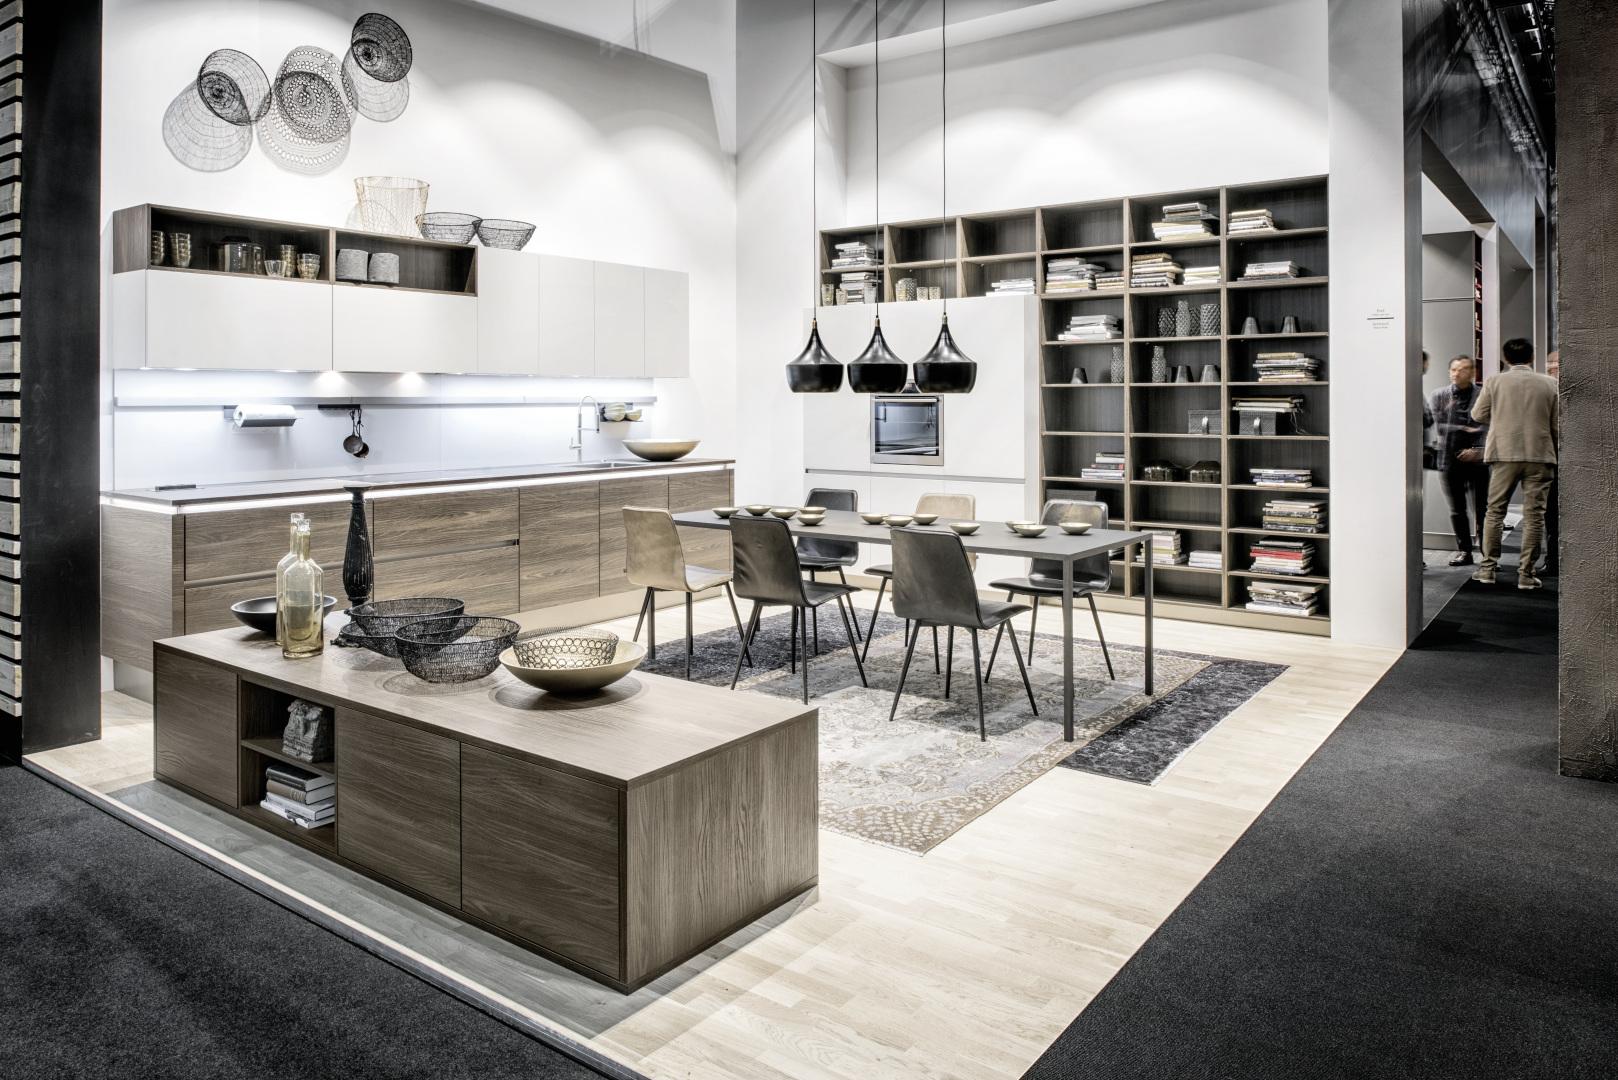 wyjątkowa i designerska kuchnia niemieckiej produkcji